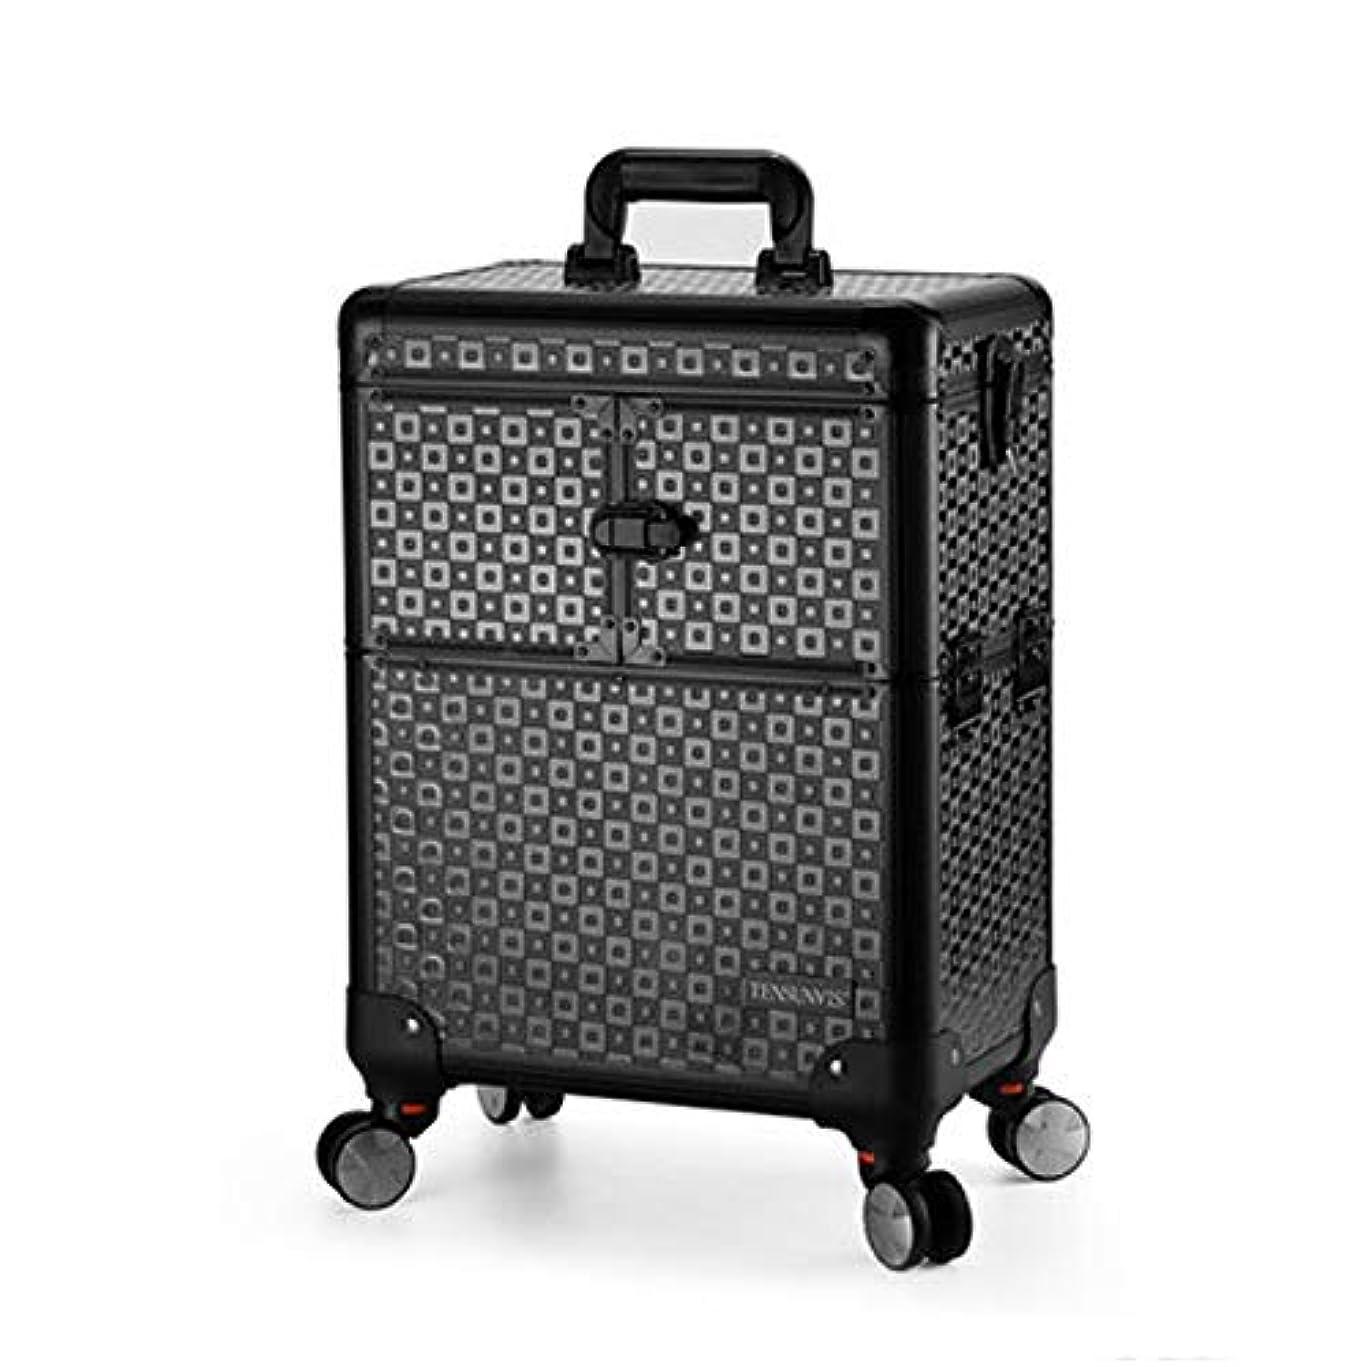 キロメートル結び目支払うプロ専用 美容師 クローゼット スーツケース メイクボックス キャリーバッグ ヘアメイク プロ 大容量 軽量 高品質 多機能 I-TT-4622-TB-T